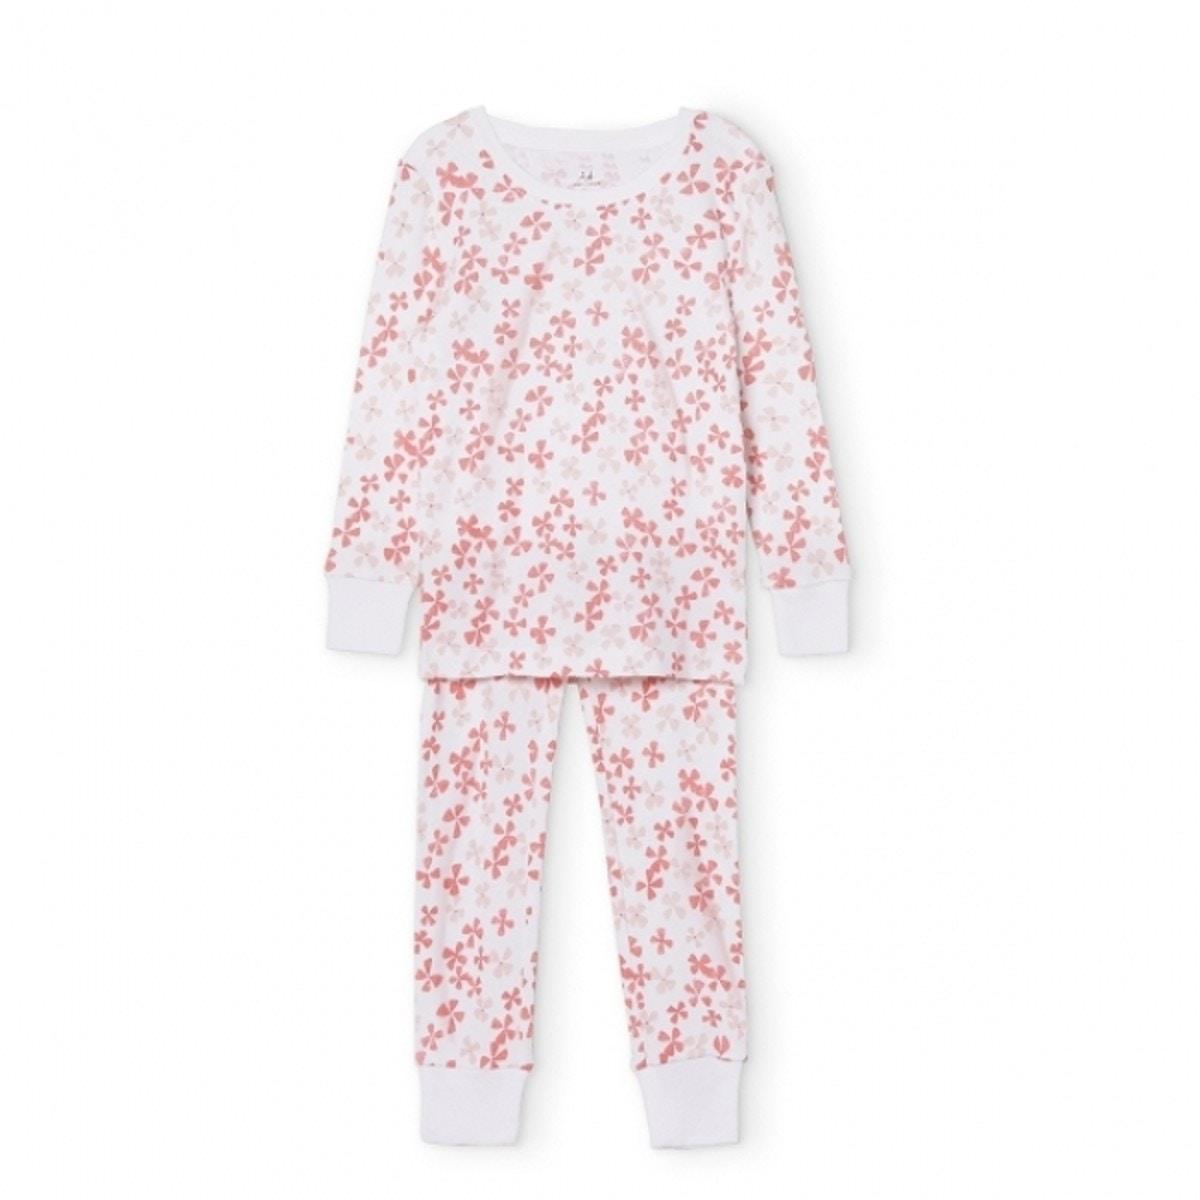 d911ab373bb06 優しいピンク色のかわいらしい花が、パジャマいっぱいに咲いているようなデザインになっているblossom。